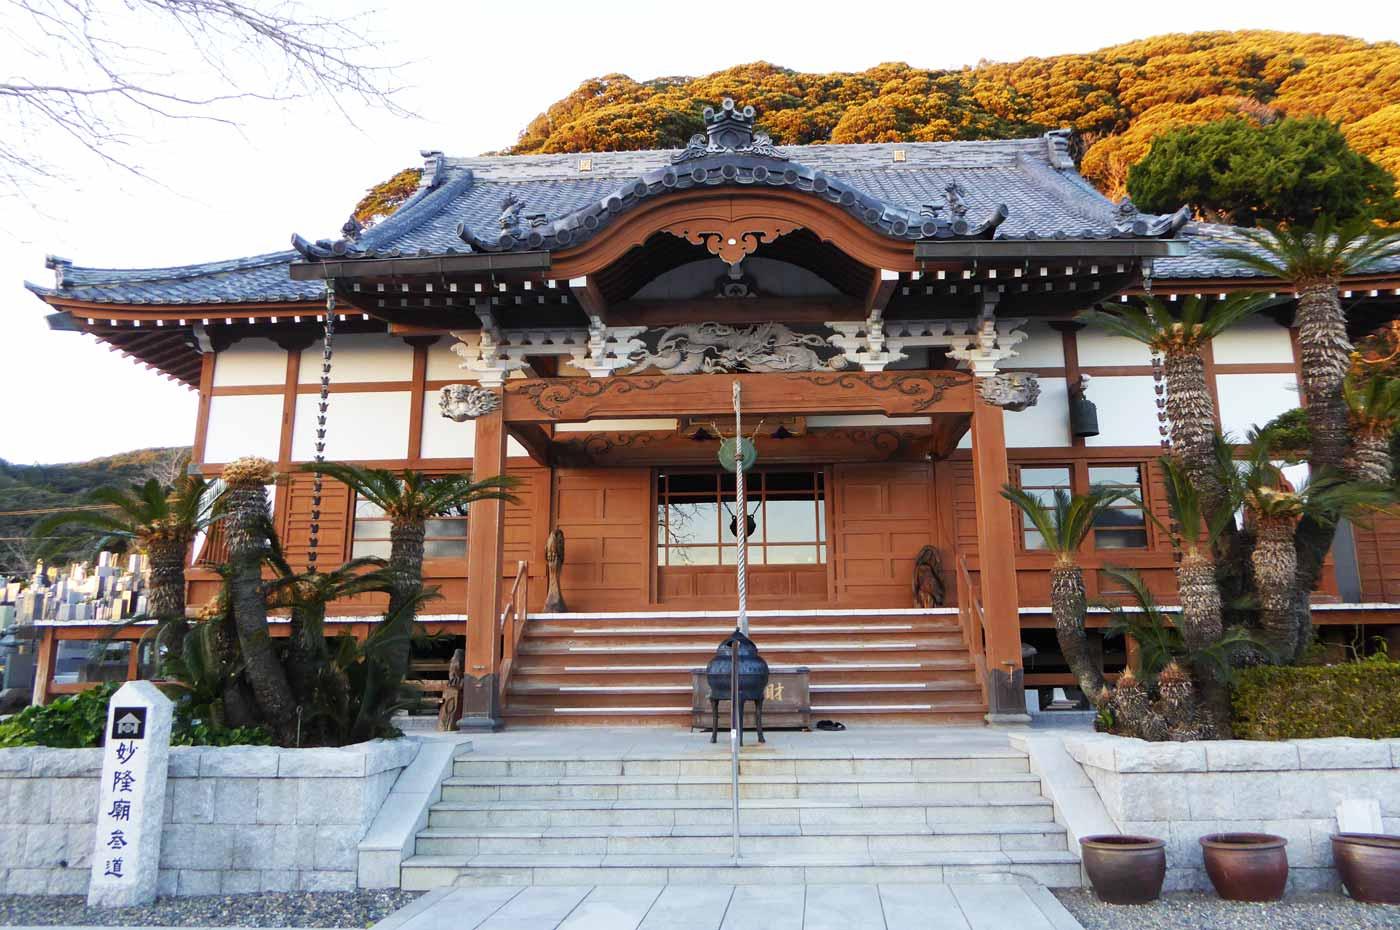 日澄寺本堂の画像